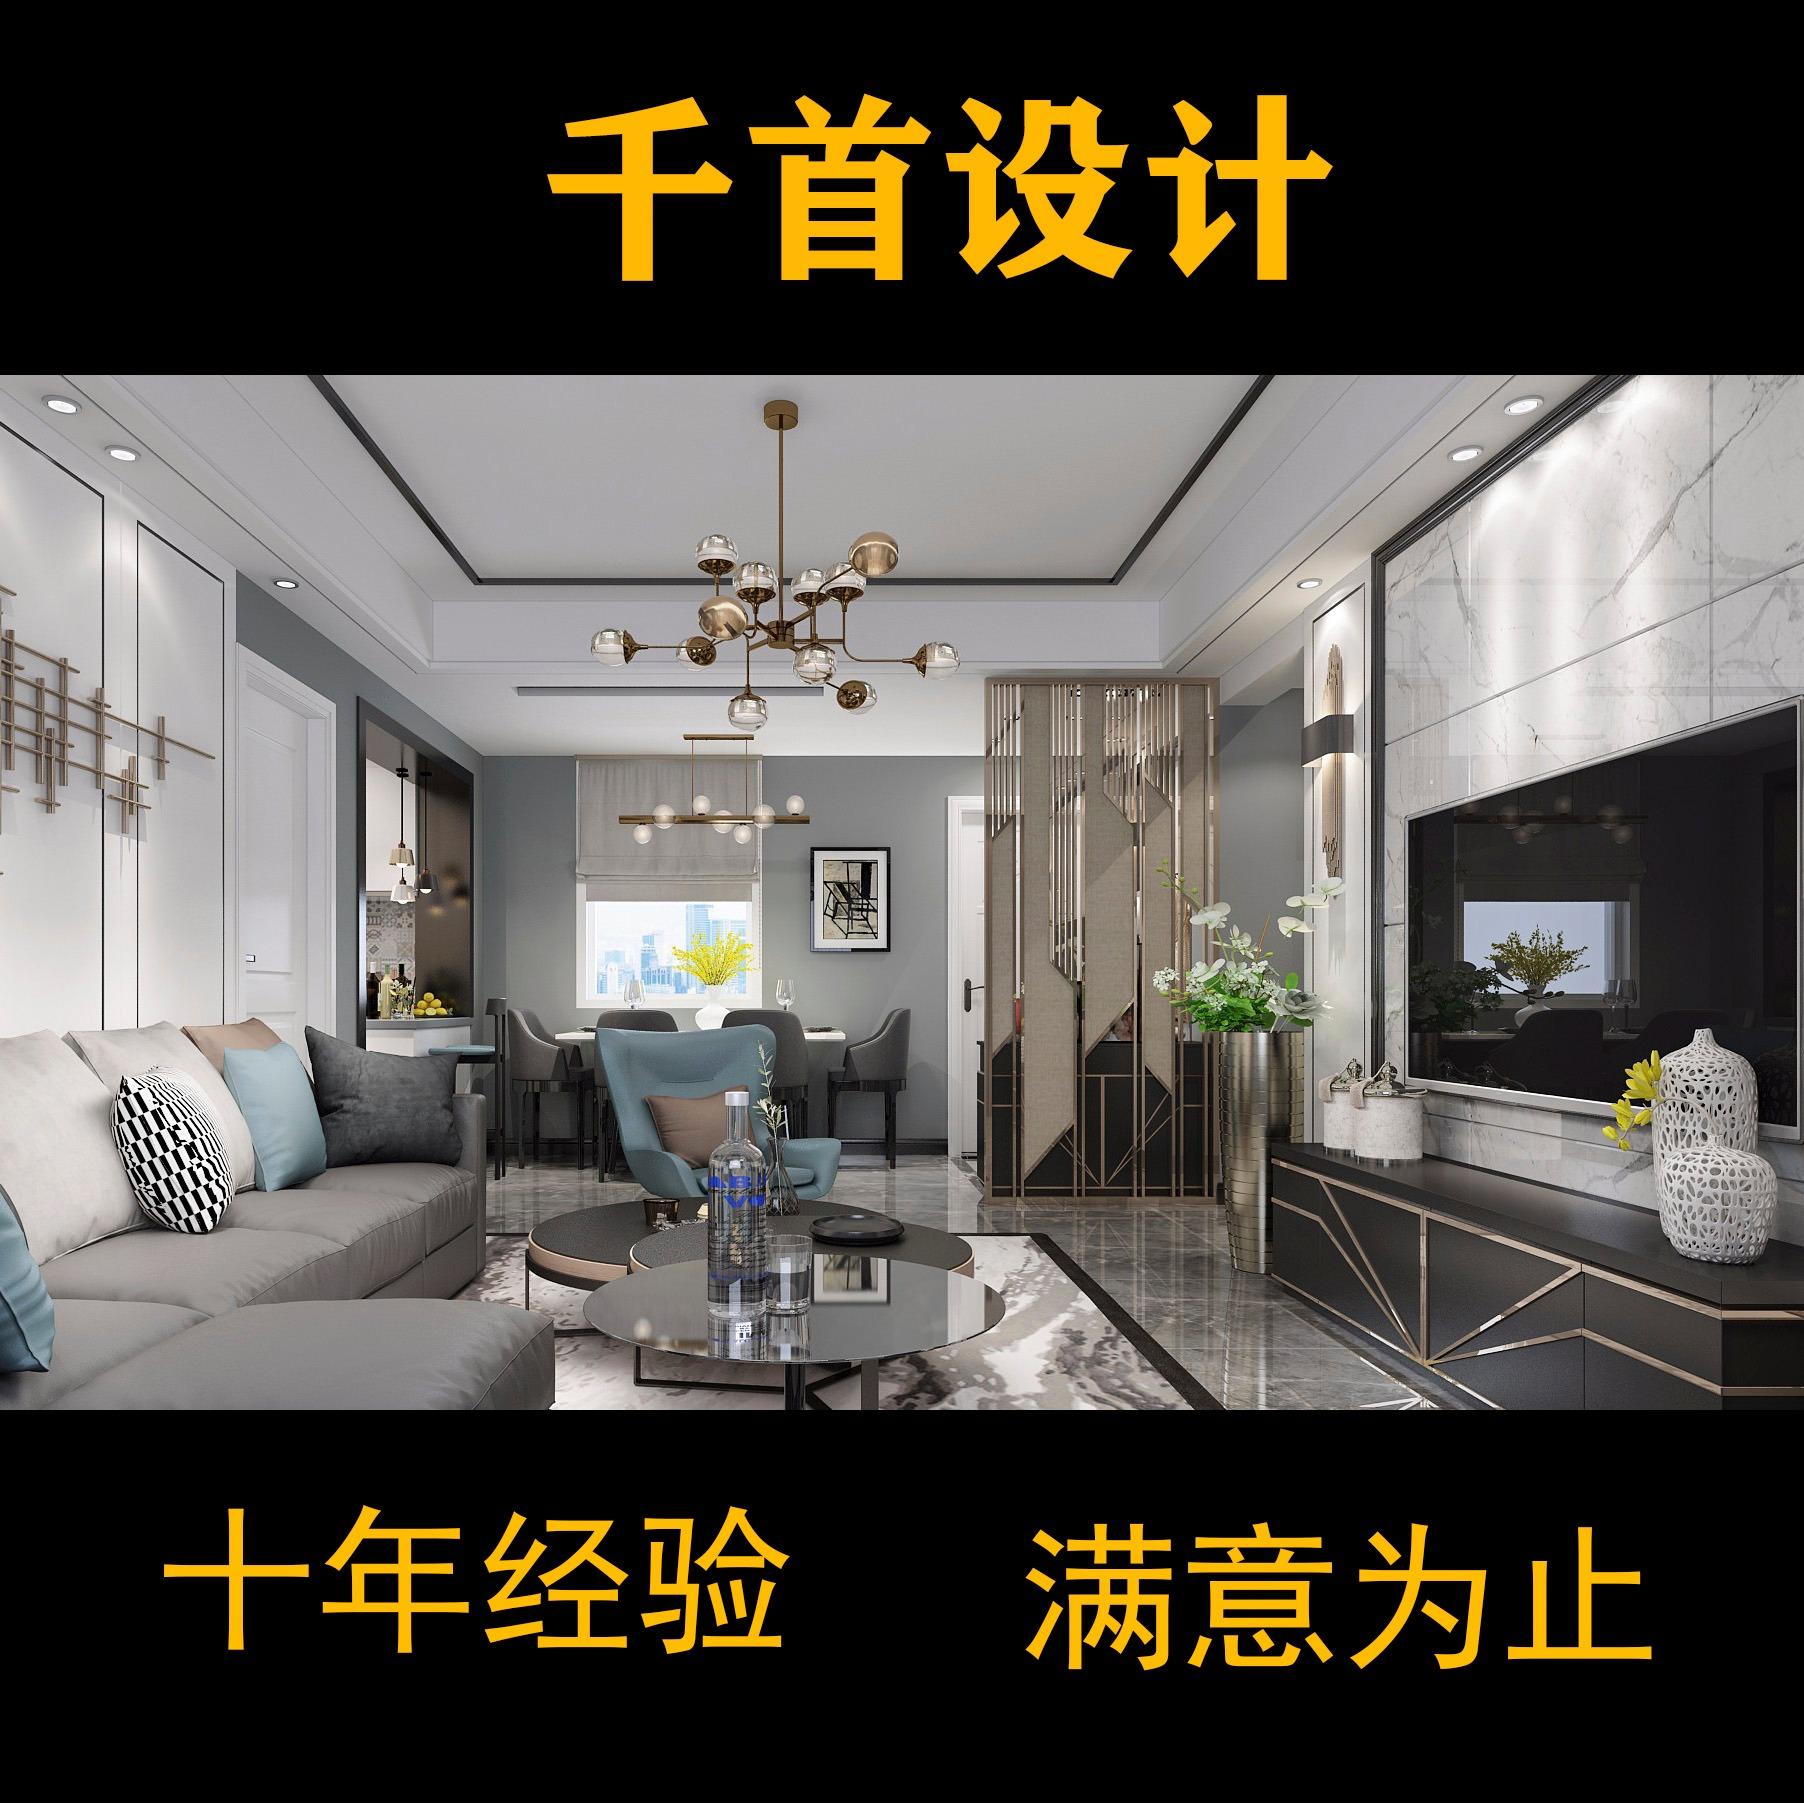 家装 室内设计家装效果图制作 自建房设计装修别墅新房家装设计